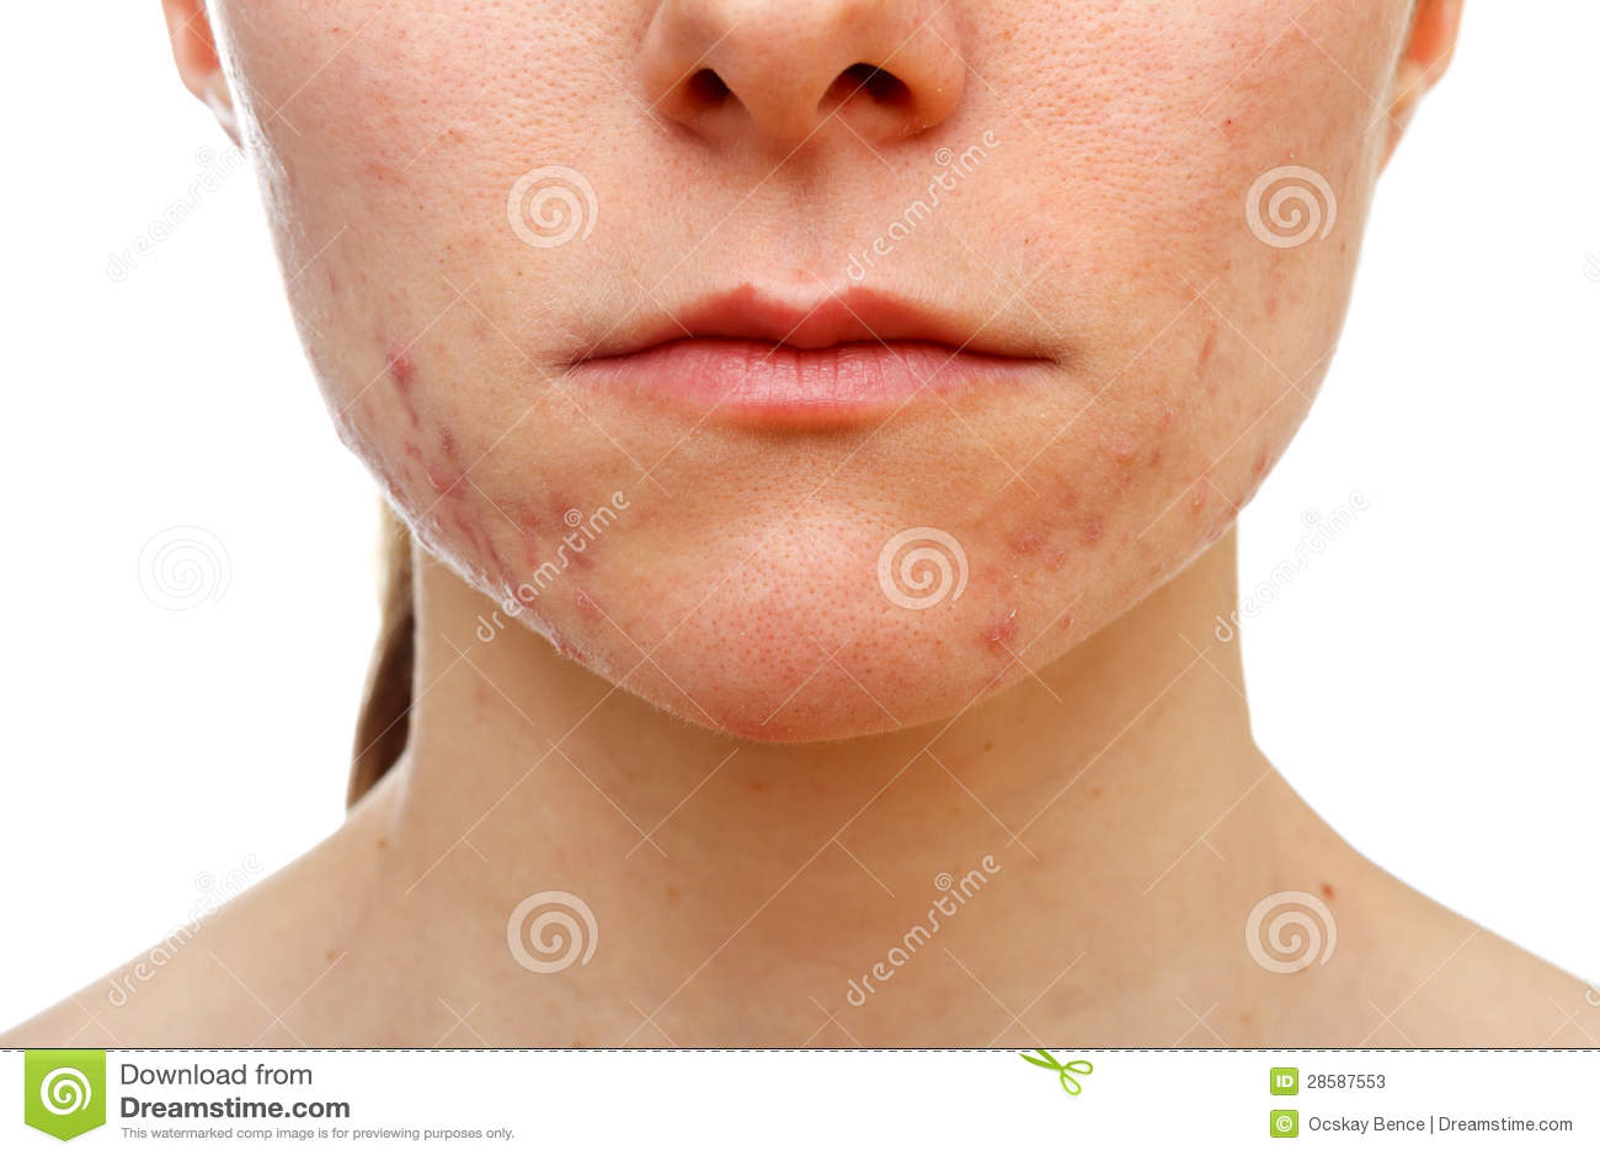 Vitamine da posti e punti neri su una faccia